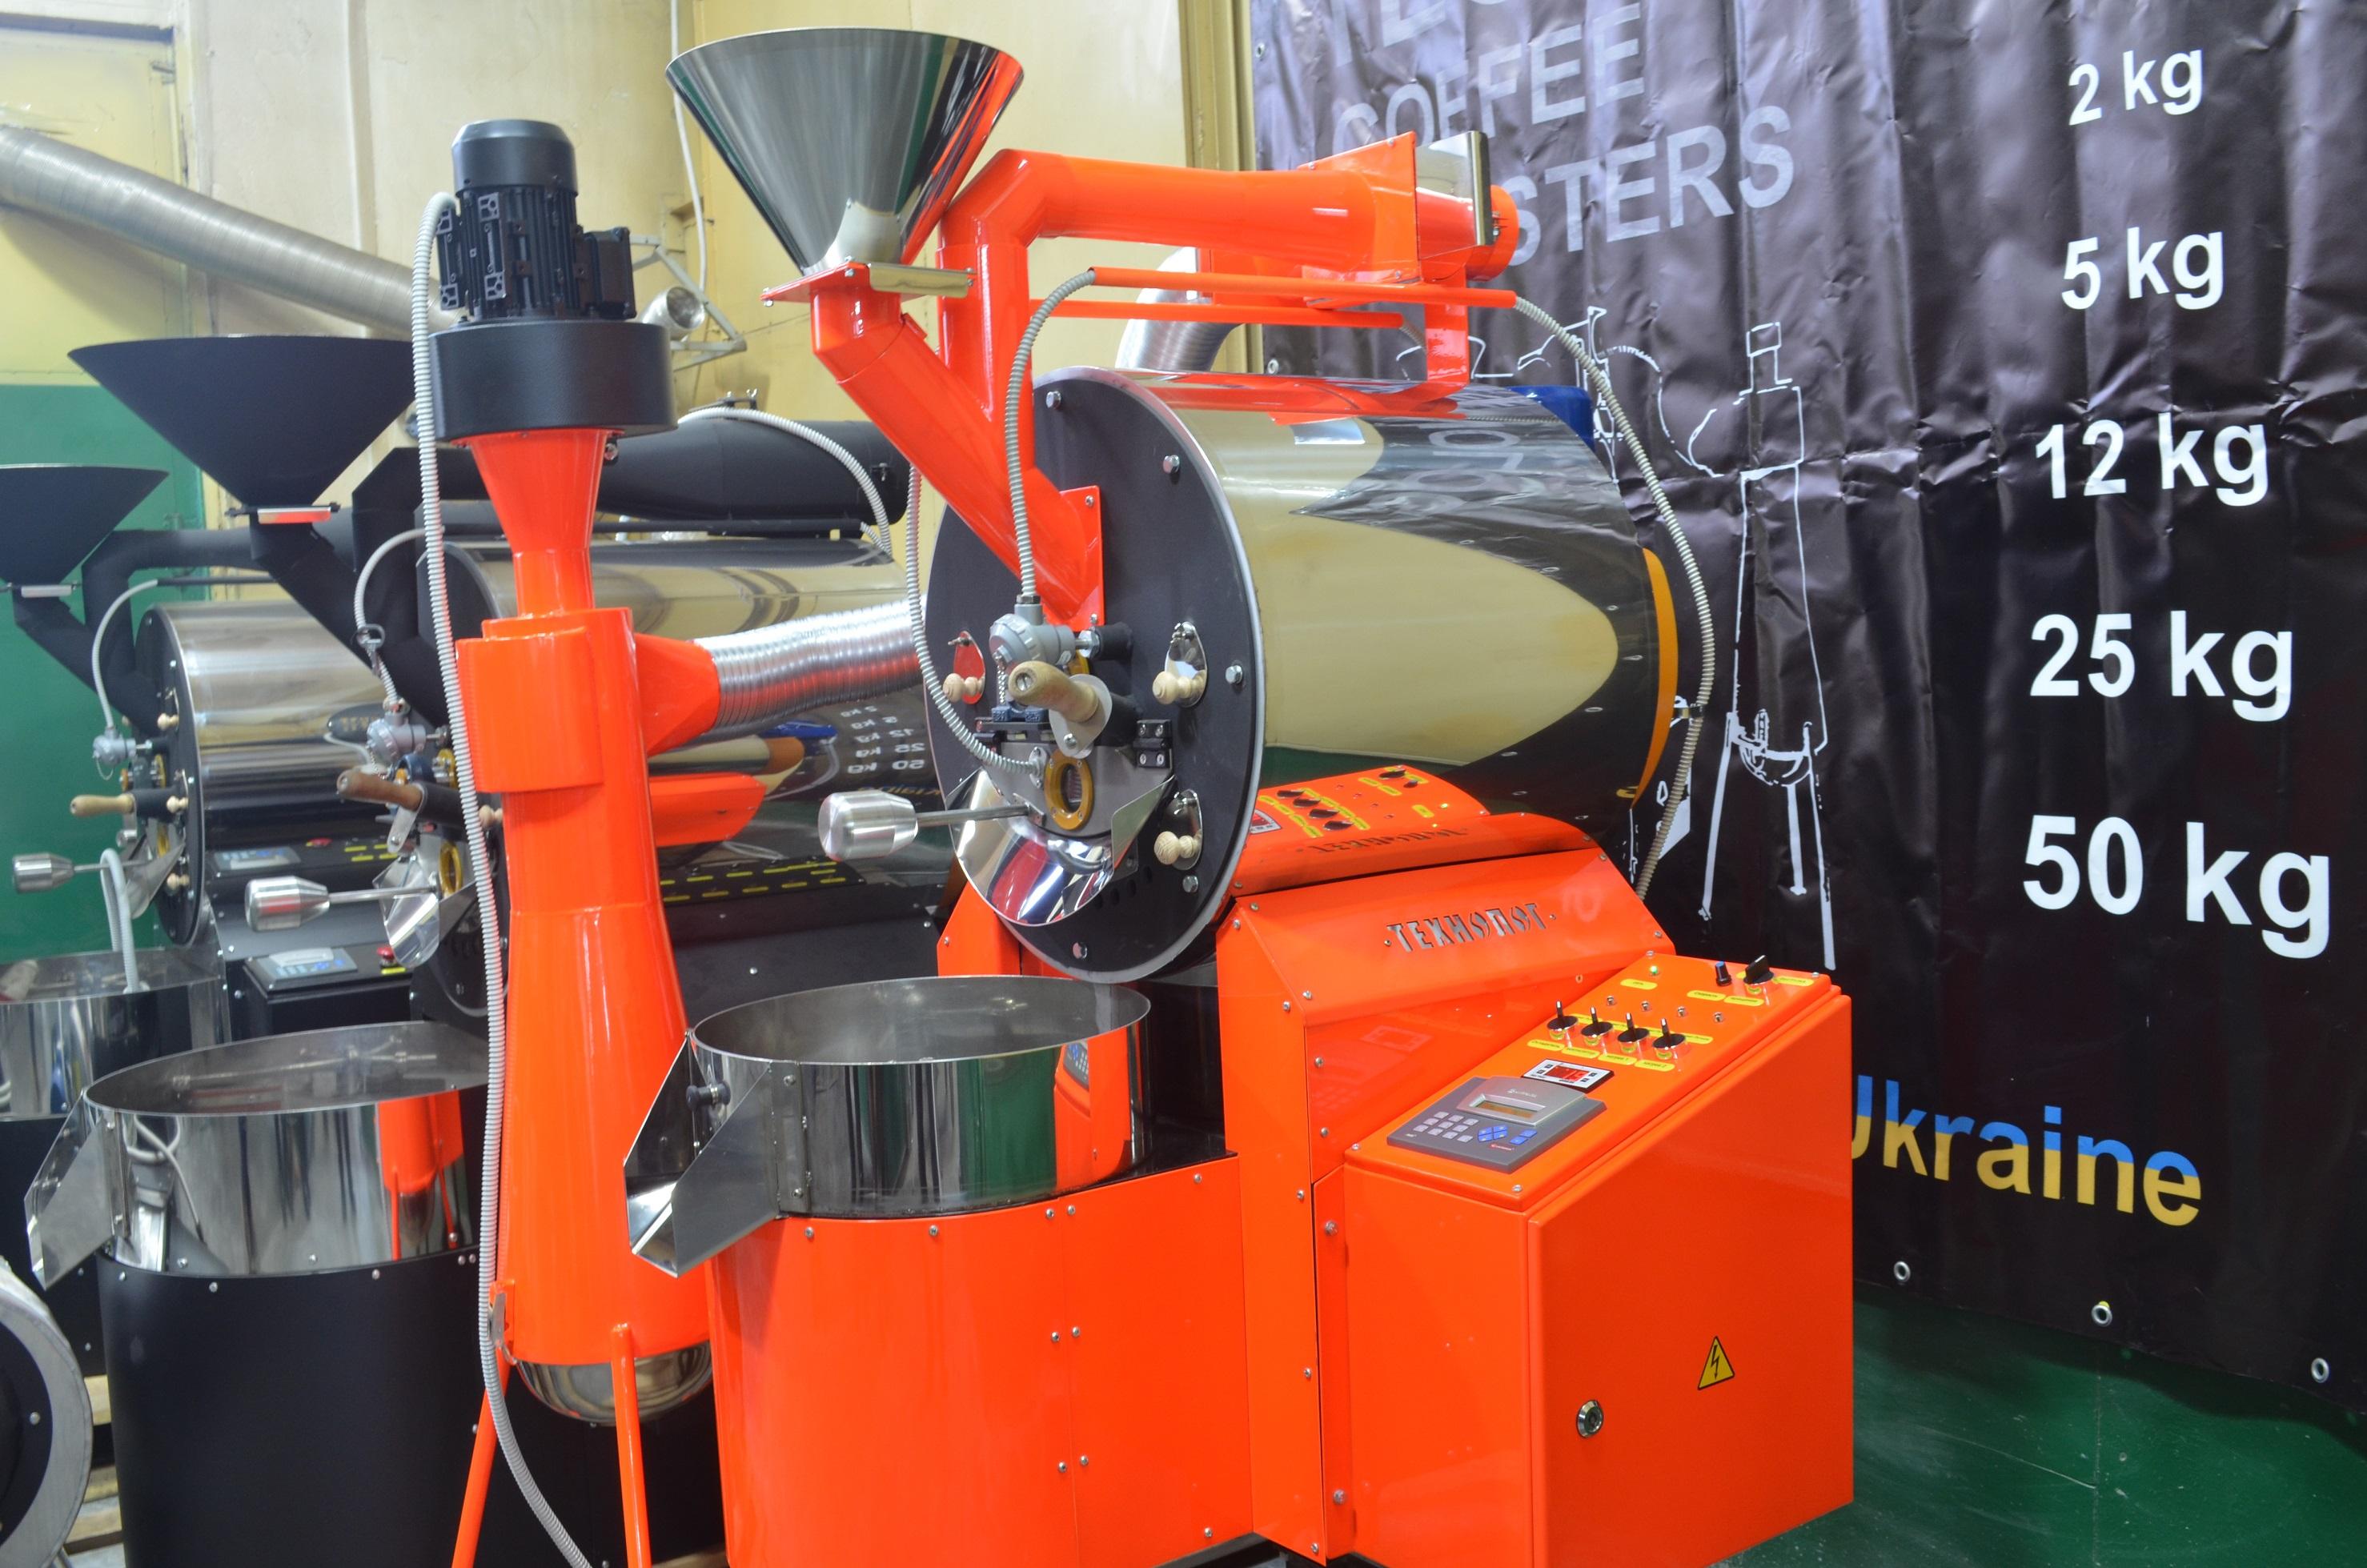 В ассортименте нашей компании оборудования для обжаривания кофейных зерен по оптимальной цене